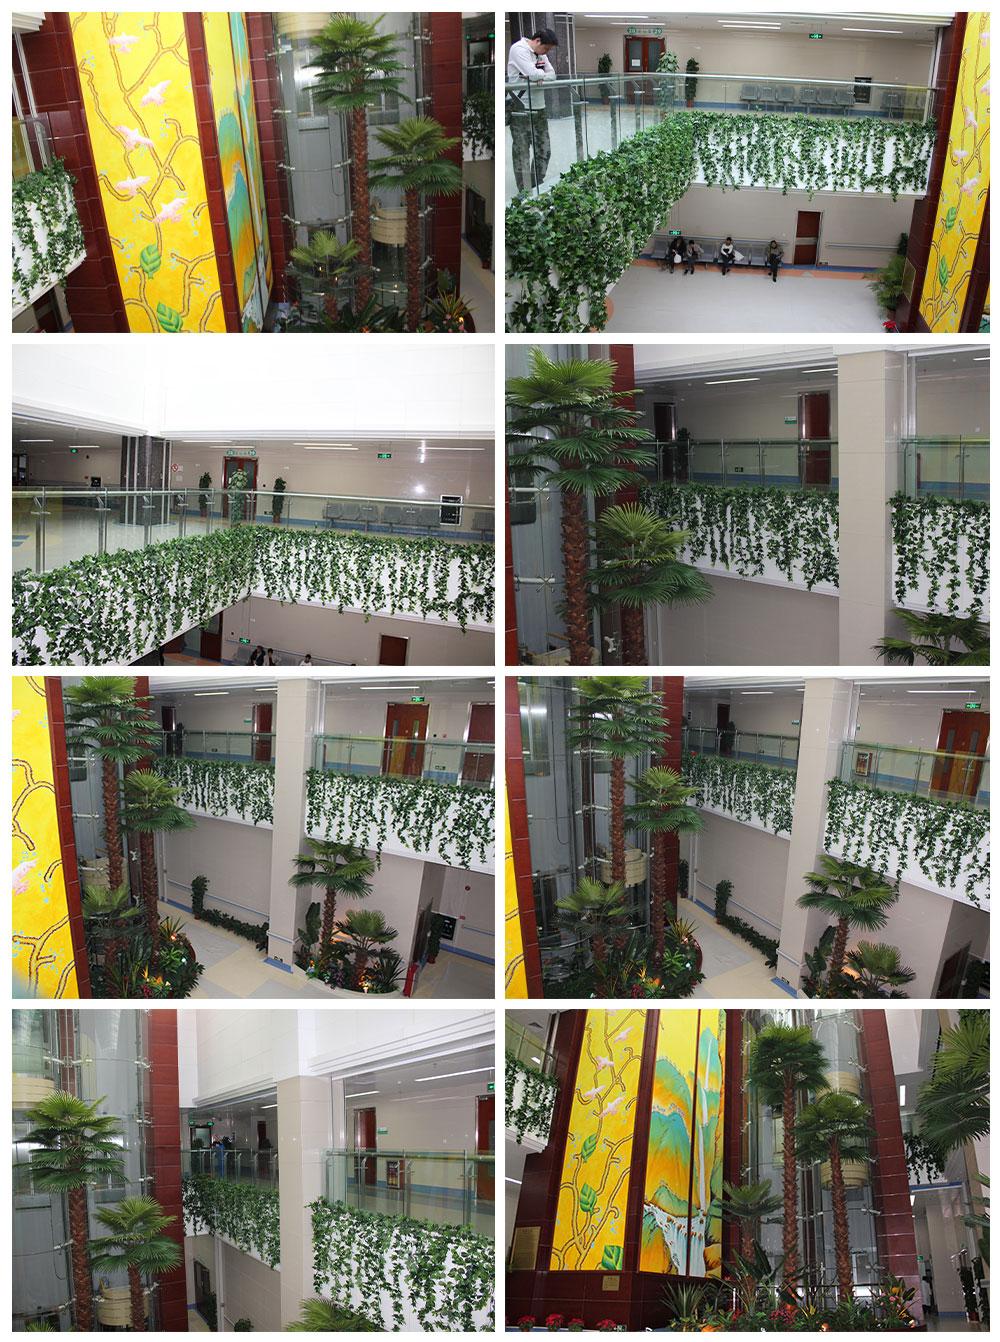 绿雕,未来绿化所趋,回归自然